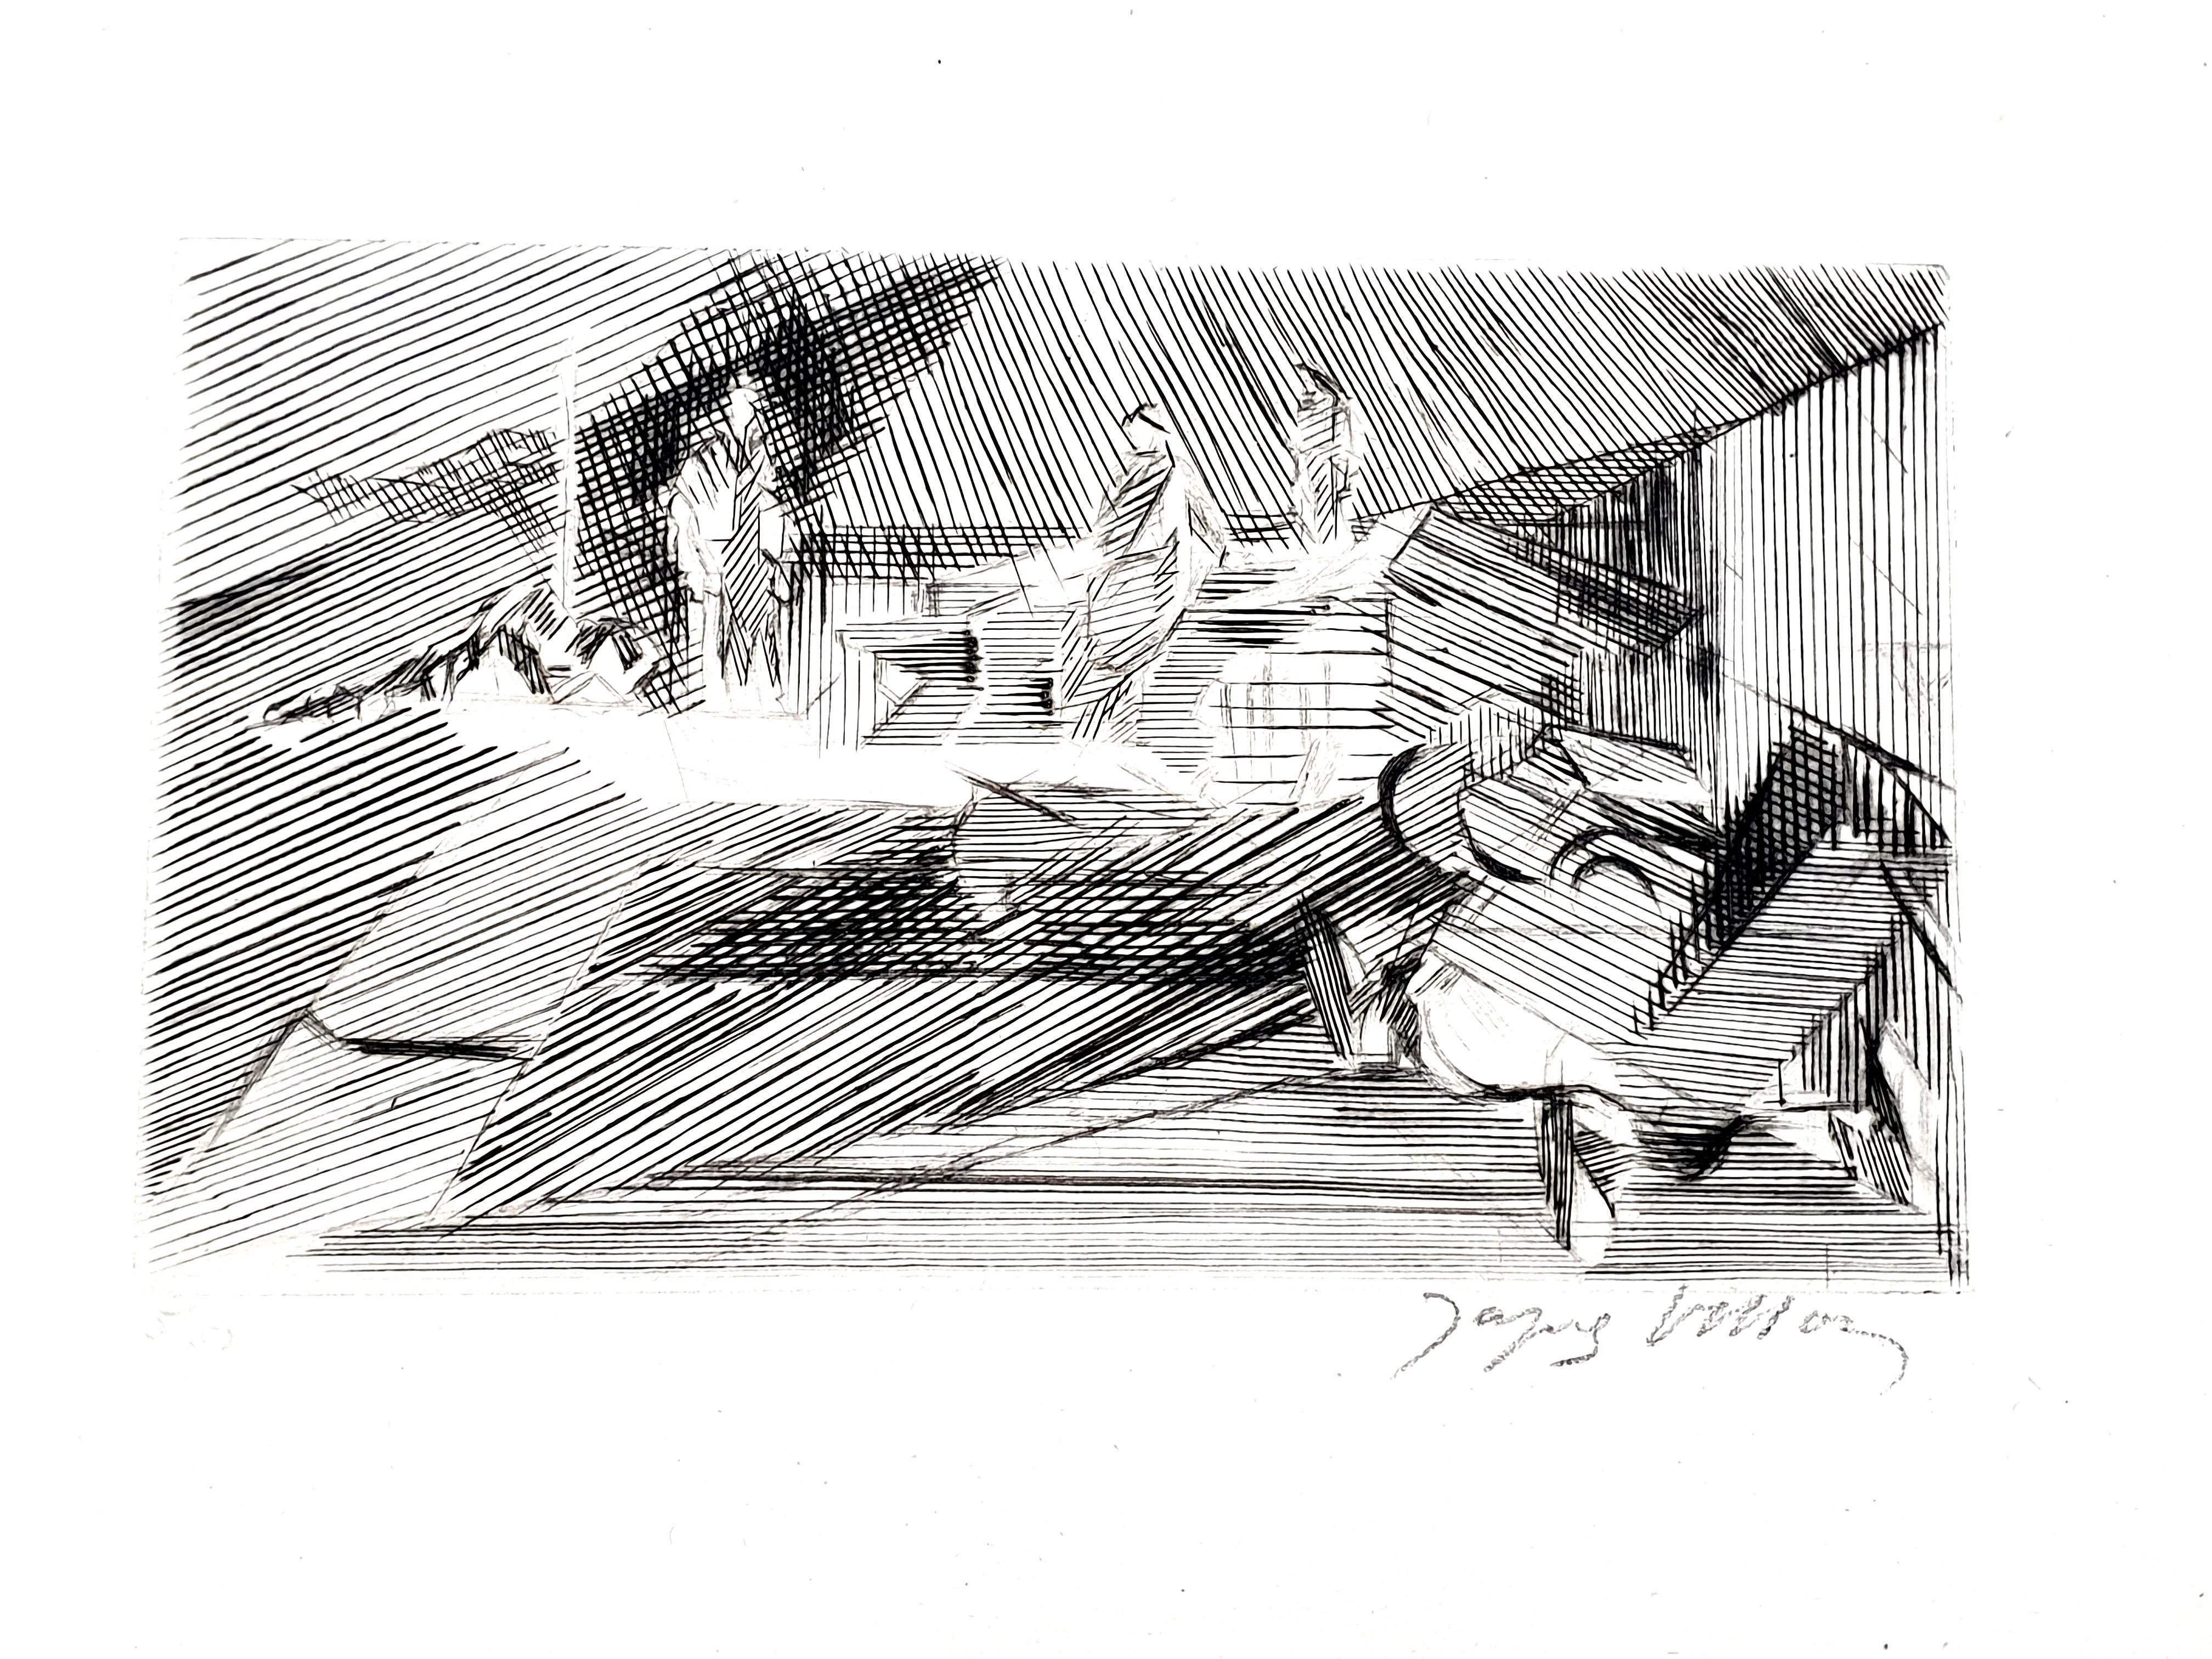 Jacques Villon - Landscape - Original Etching